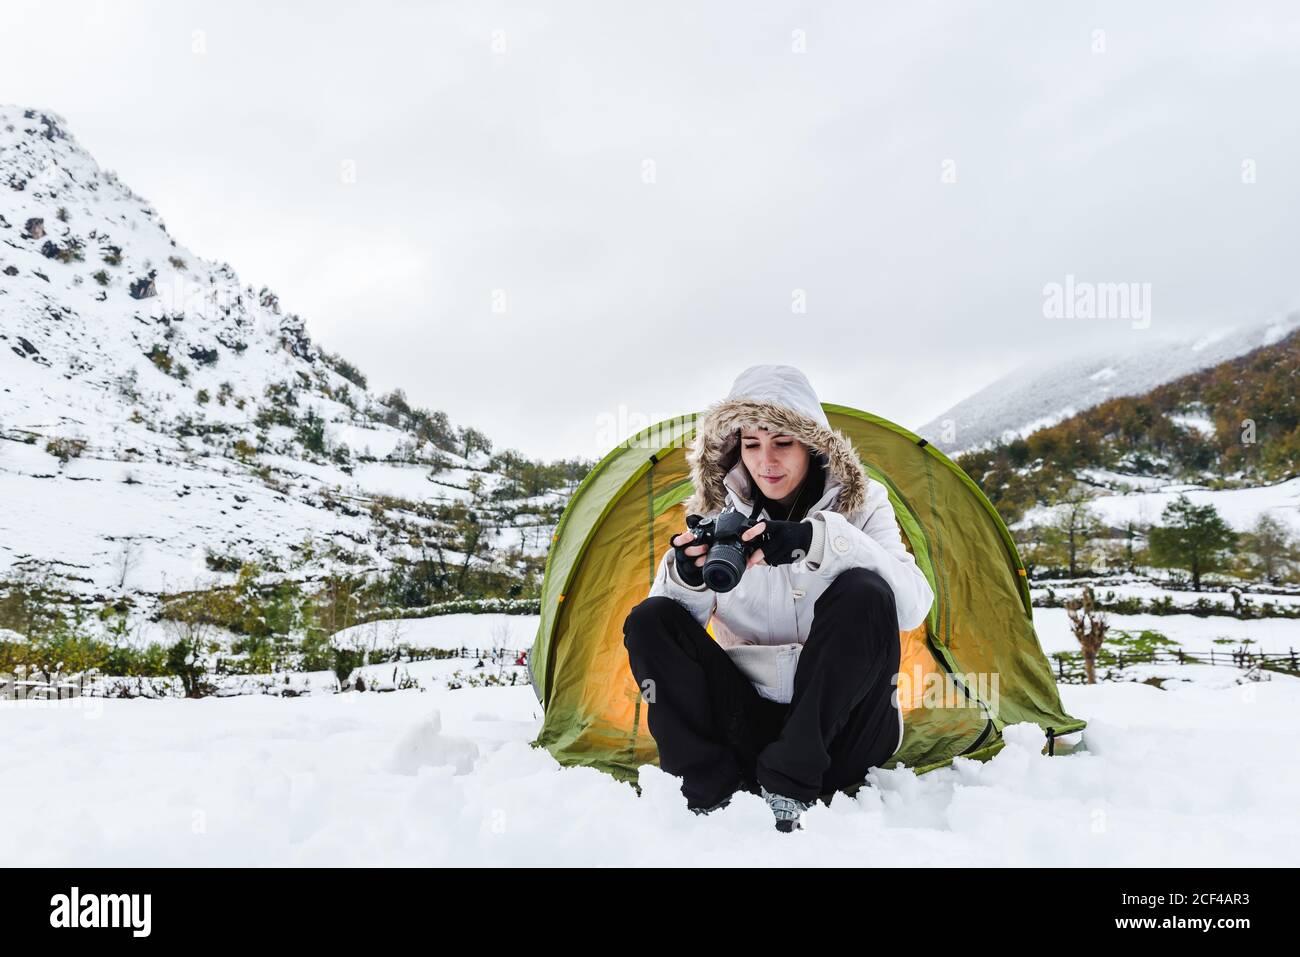 Contenido mujer en blanco chaqueta de invierno y pantalones negros sentado con cámara cerca de verde claro tienda turística en la nieve montañas Foto de stock